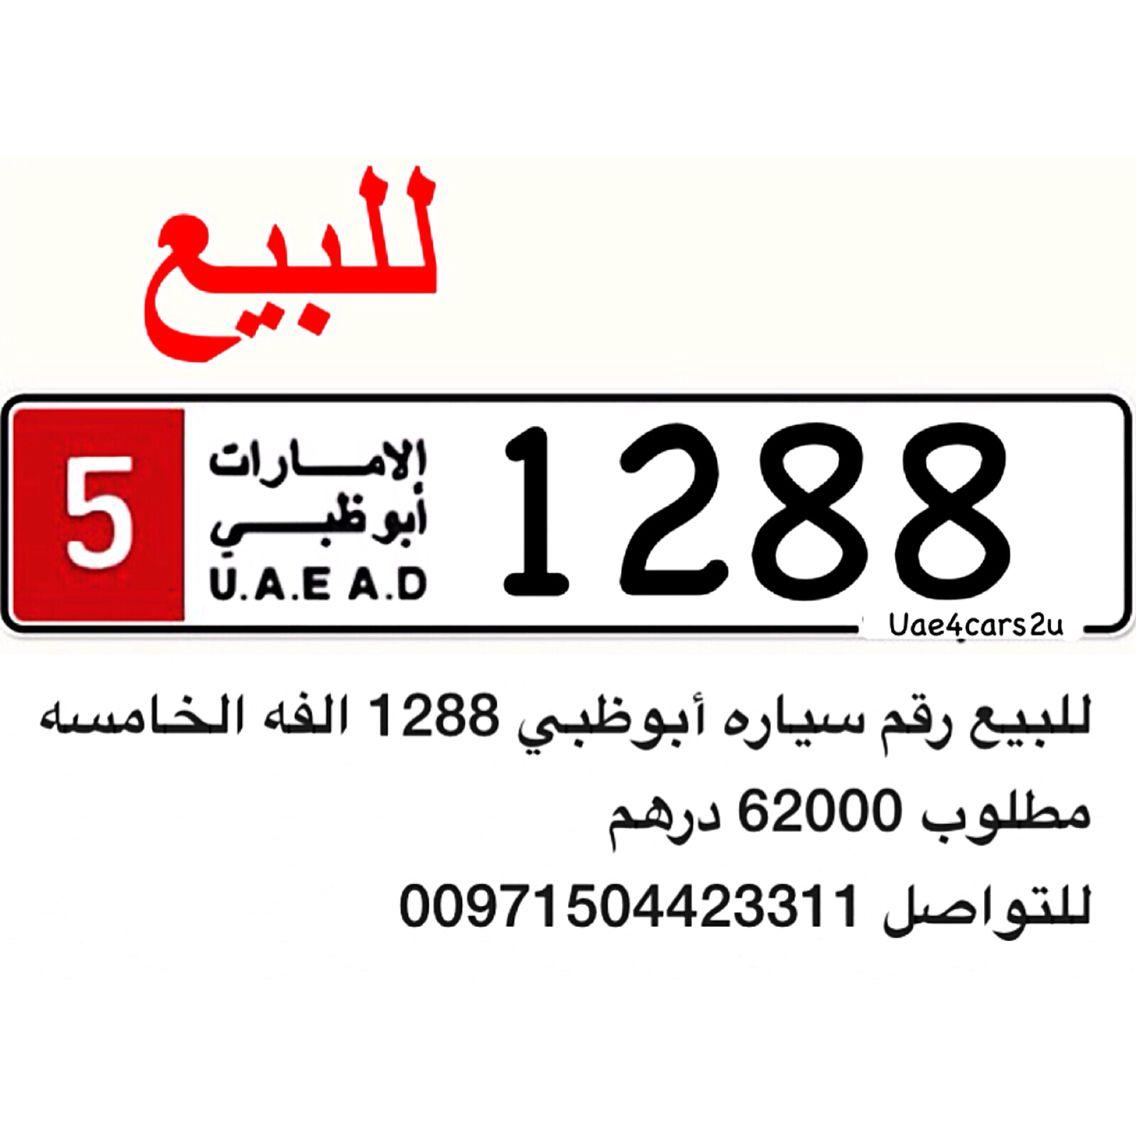 للبيع رقم سياره أبوظبي 1288 الفه الخامسه مطلوب 62000 درهم للتواصل 00971504423311 اعلانvip رقم ارقام مميز مميزة رقم مميز الواتساب U Math Math Equations